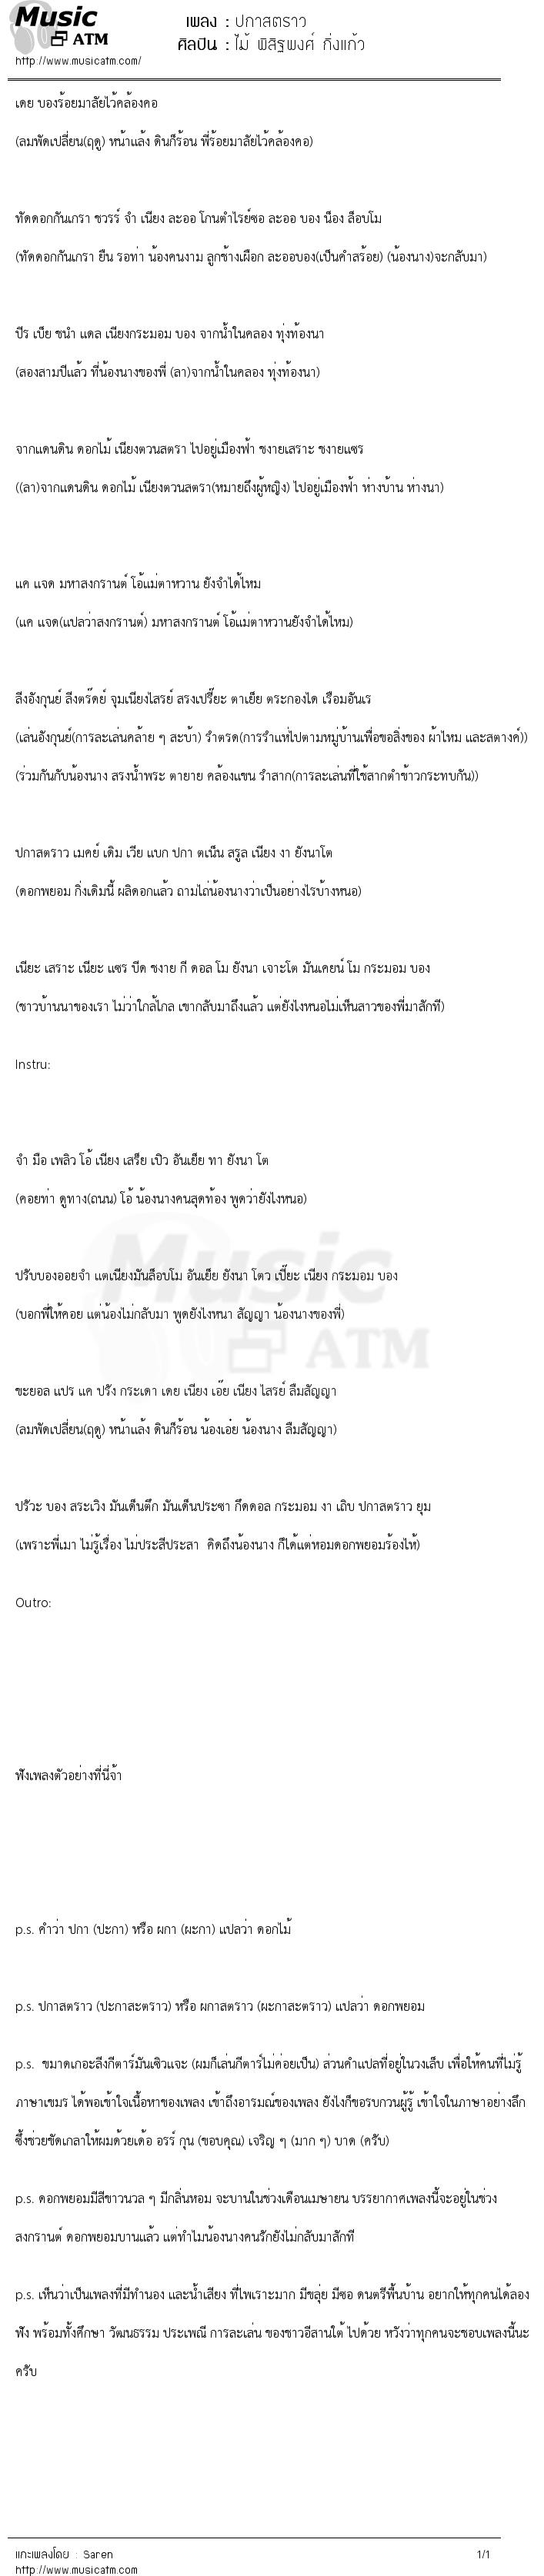 เนื้อเพลง ปกาสตราว - ไม้ พิสิฐพงศ์ กิ่งแก้ว | เพลงไทย